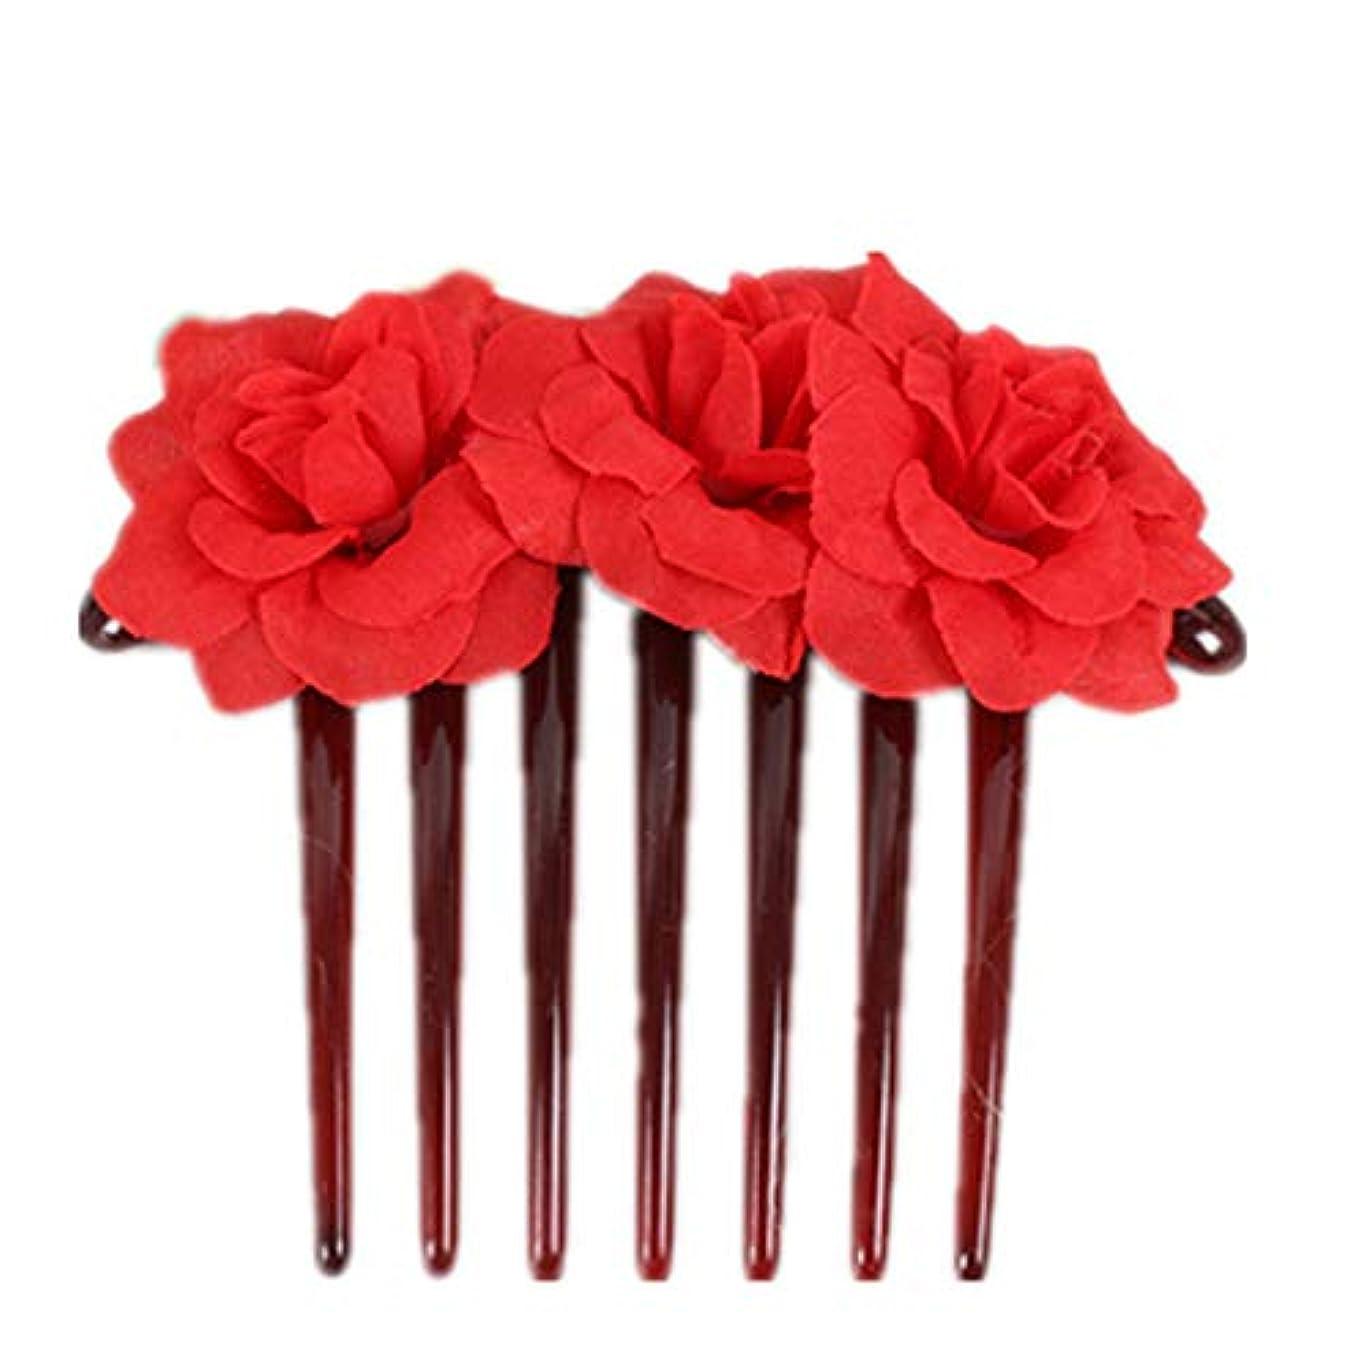 軽蔑するシェア成功1st market プレミアム品質シミュレーション花花嫁の髪櫛頭飾りヘアピンクリップ櫛スタイリングアクセサリー、赤